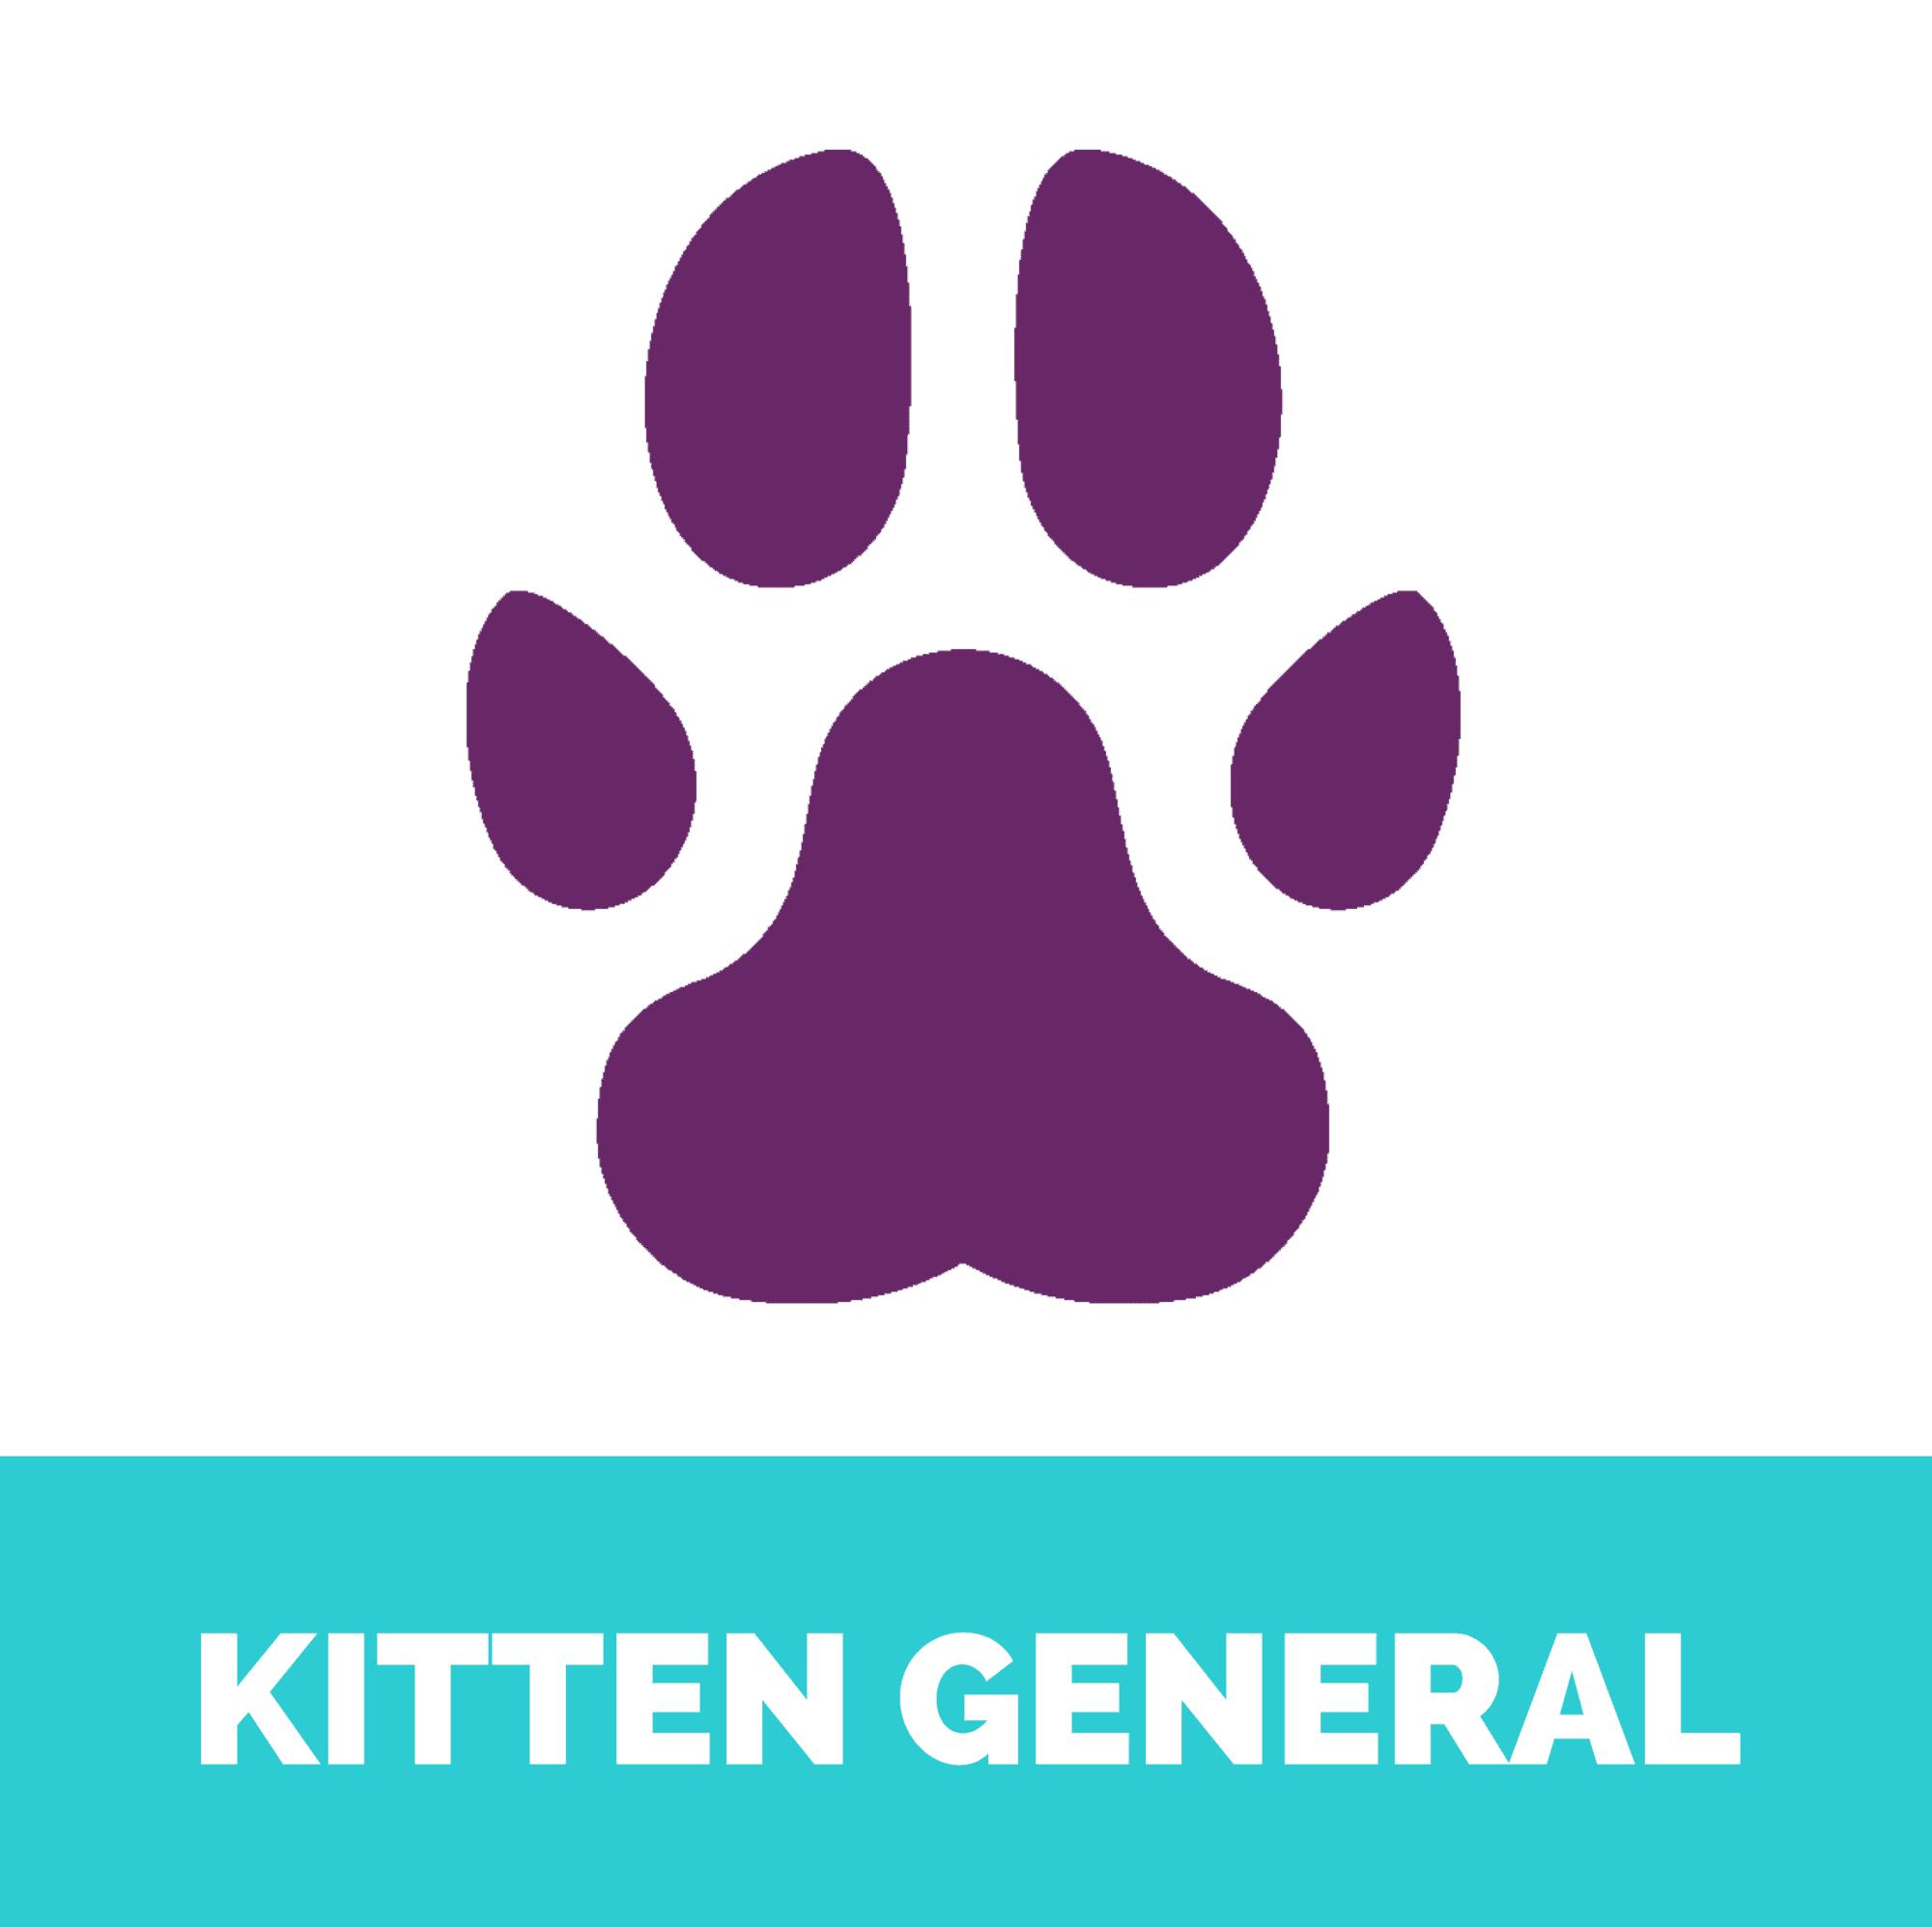 Kitten general